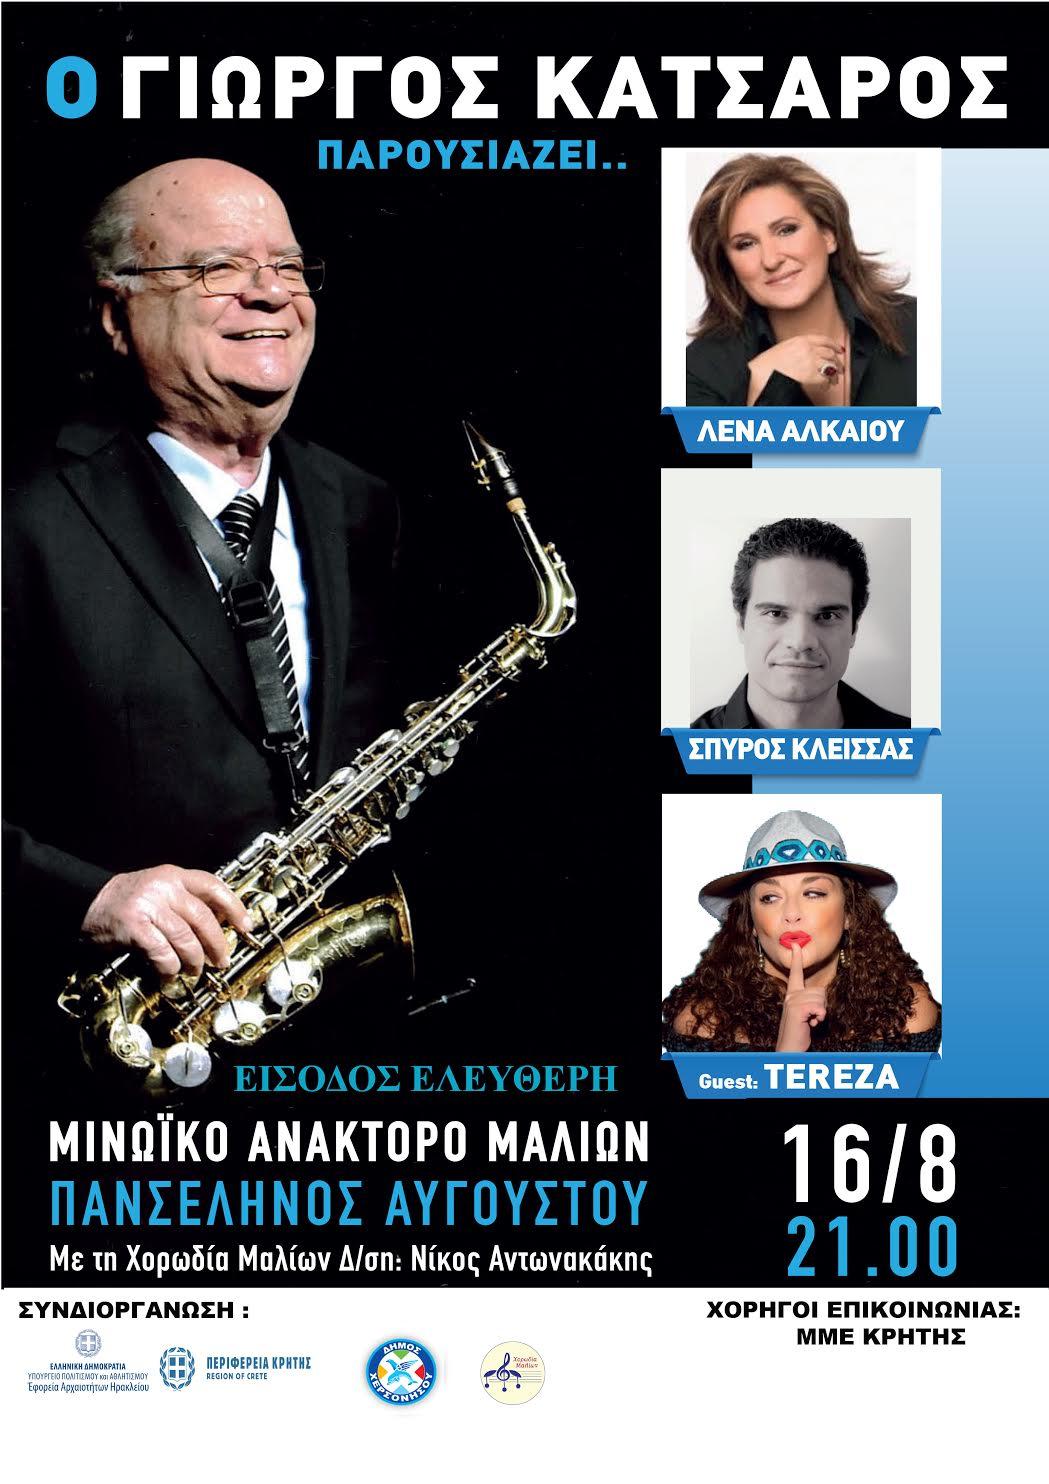 0-30 Μουσική εκδήλωση με τον Γιώργο Κατσαρό στα Μάλια